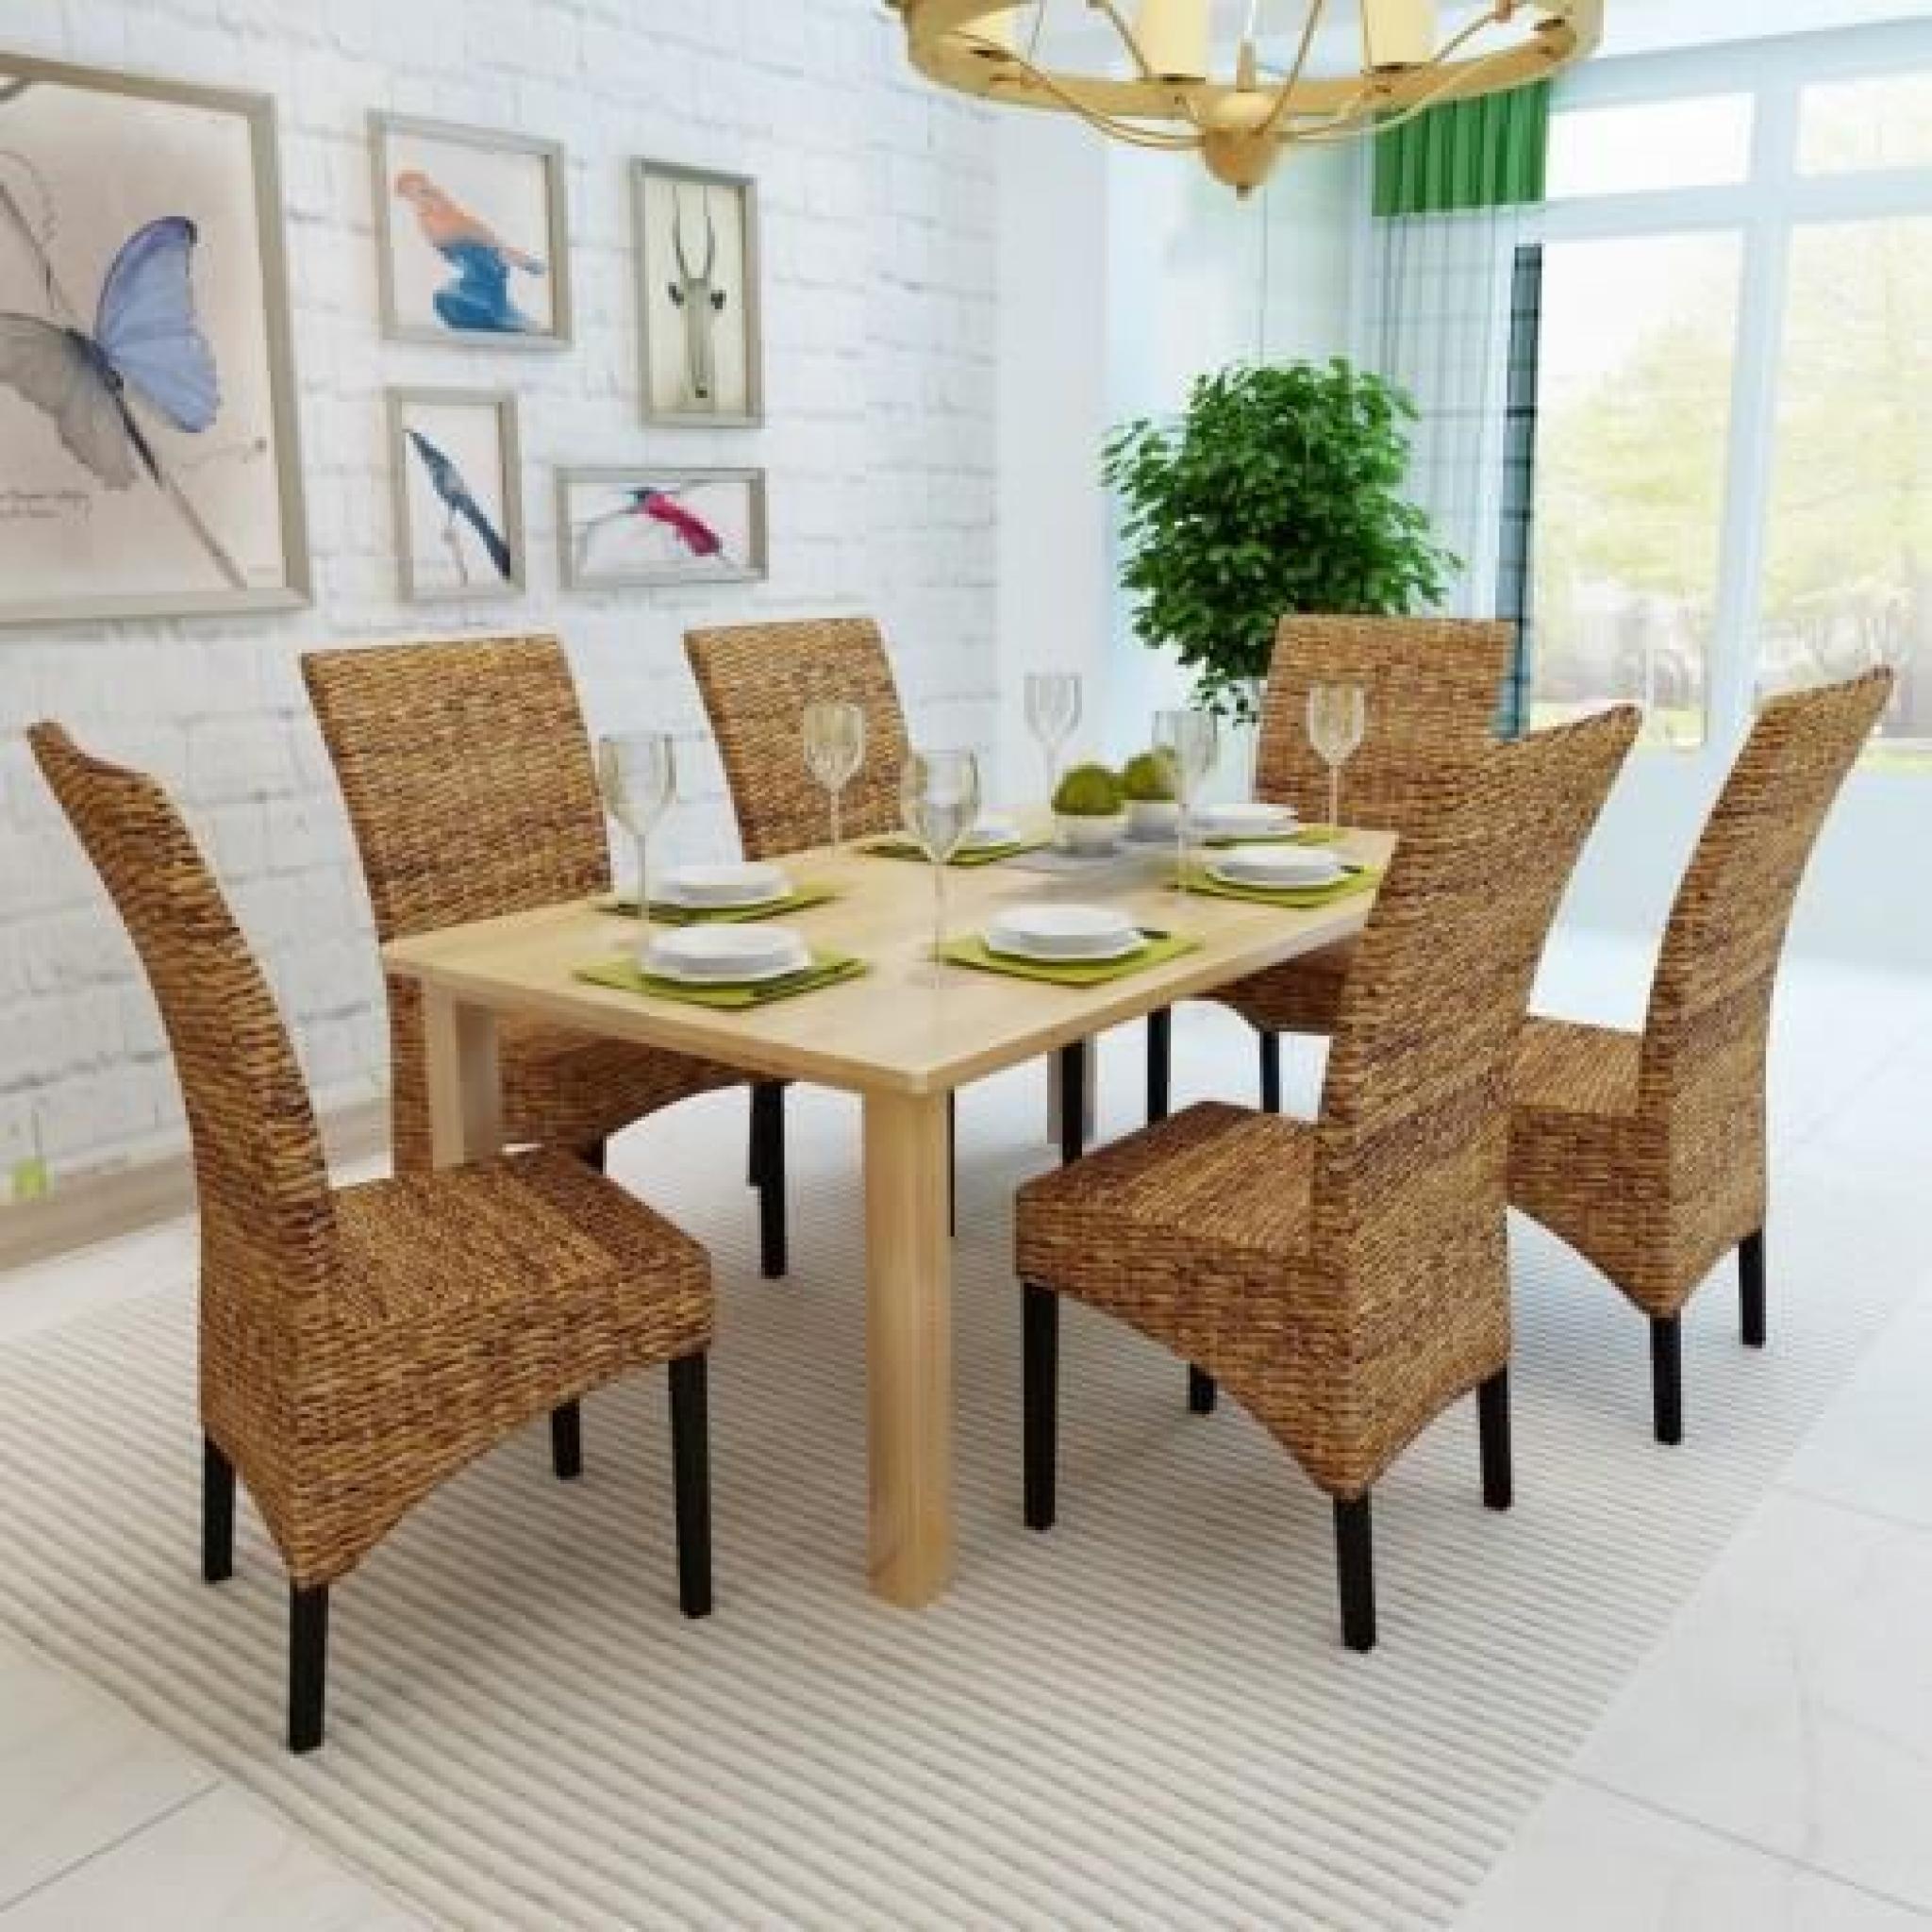 Ensemble table a manger et chaise pas cher maison design for Ensemble de table a manger